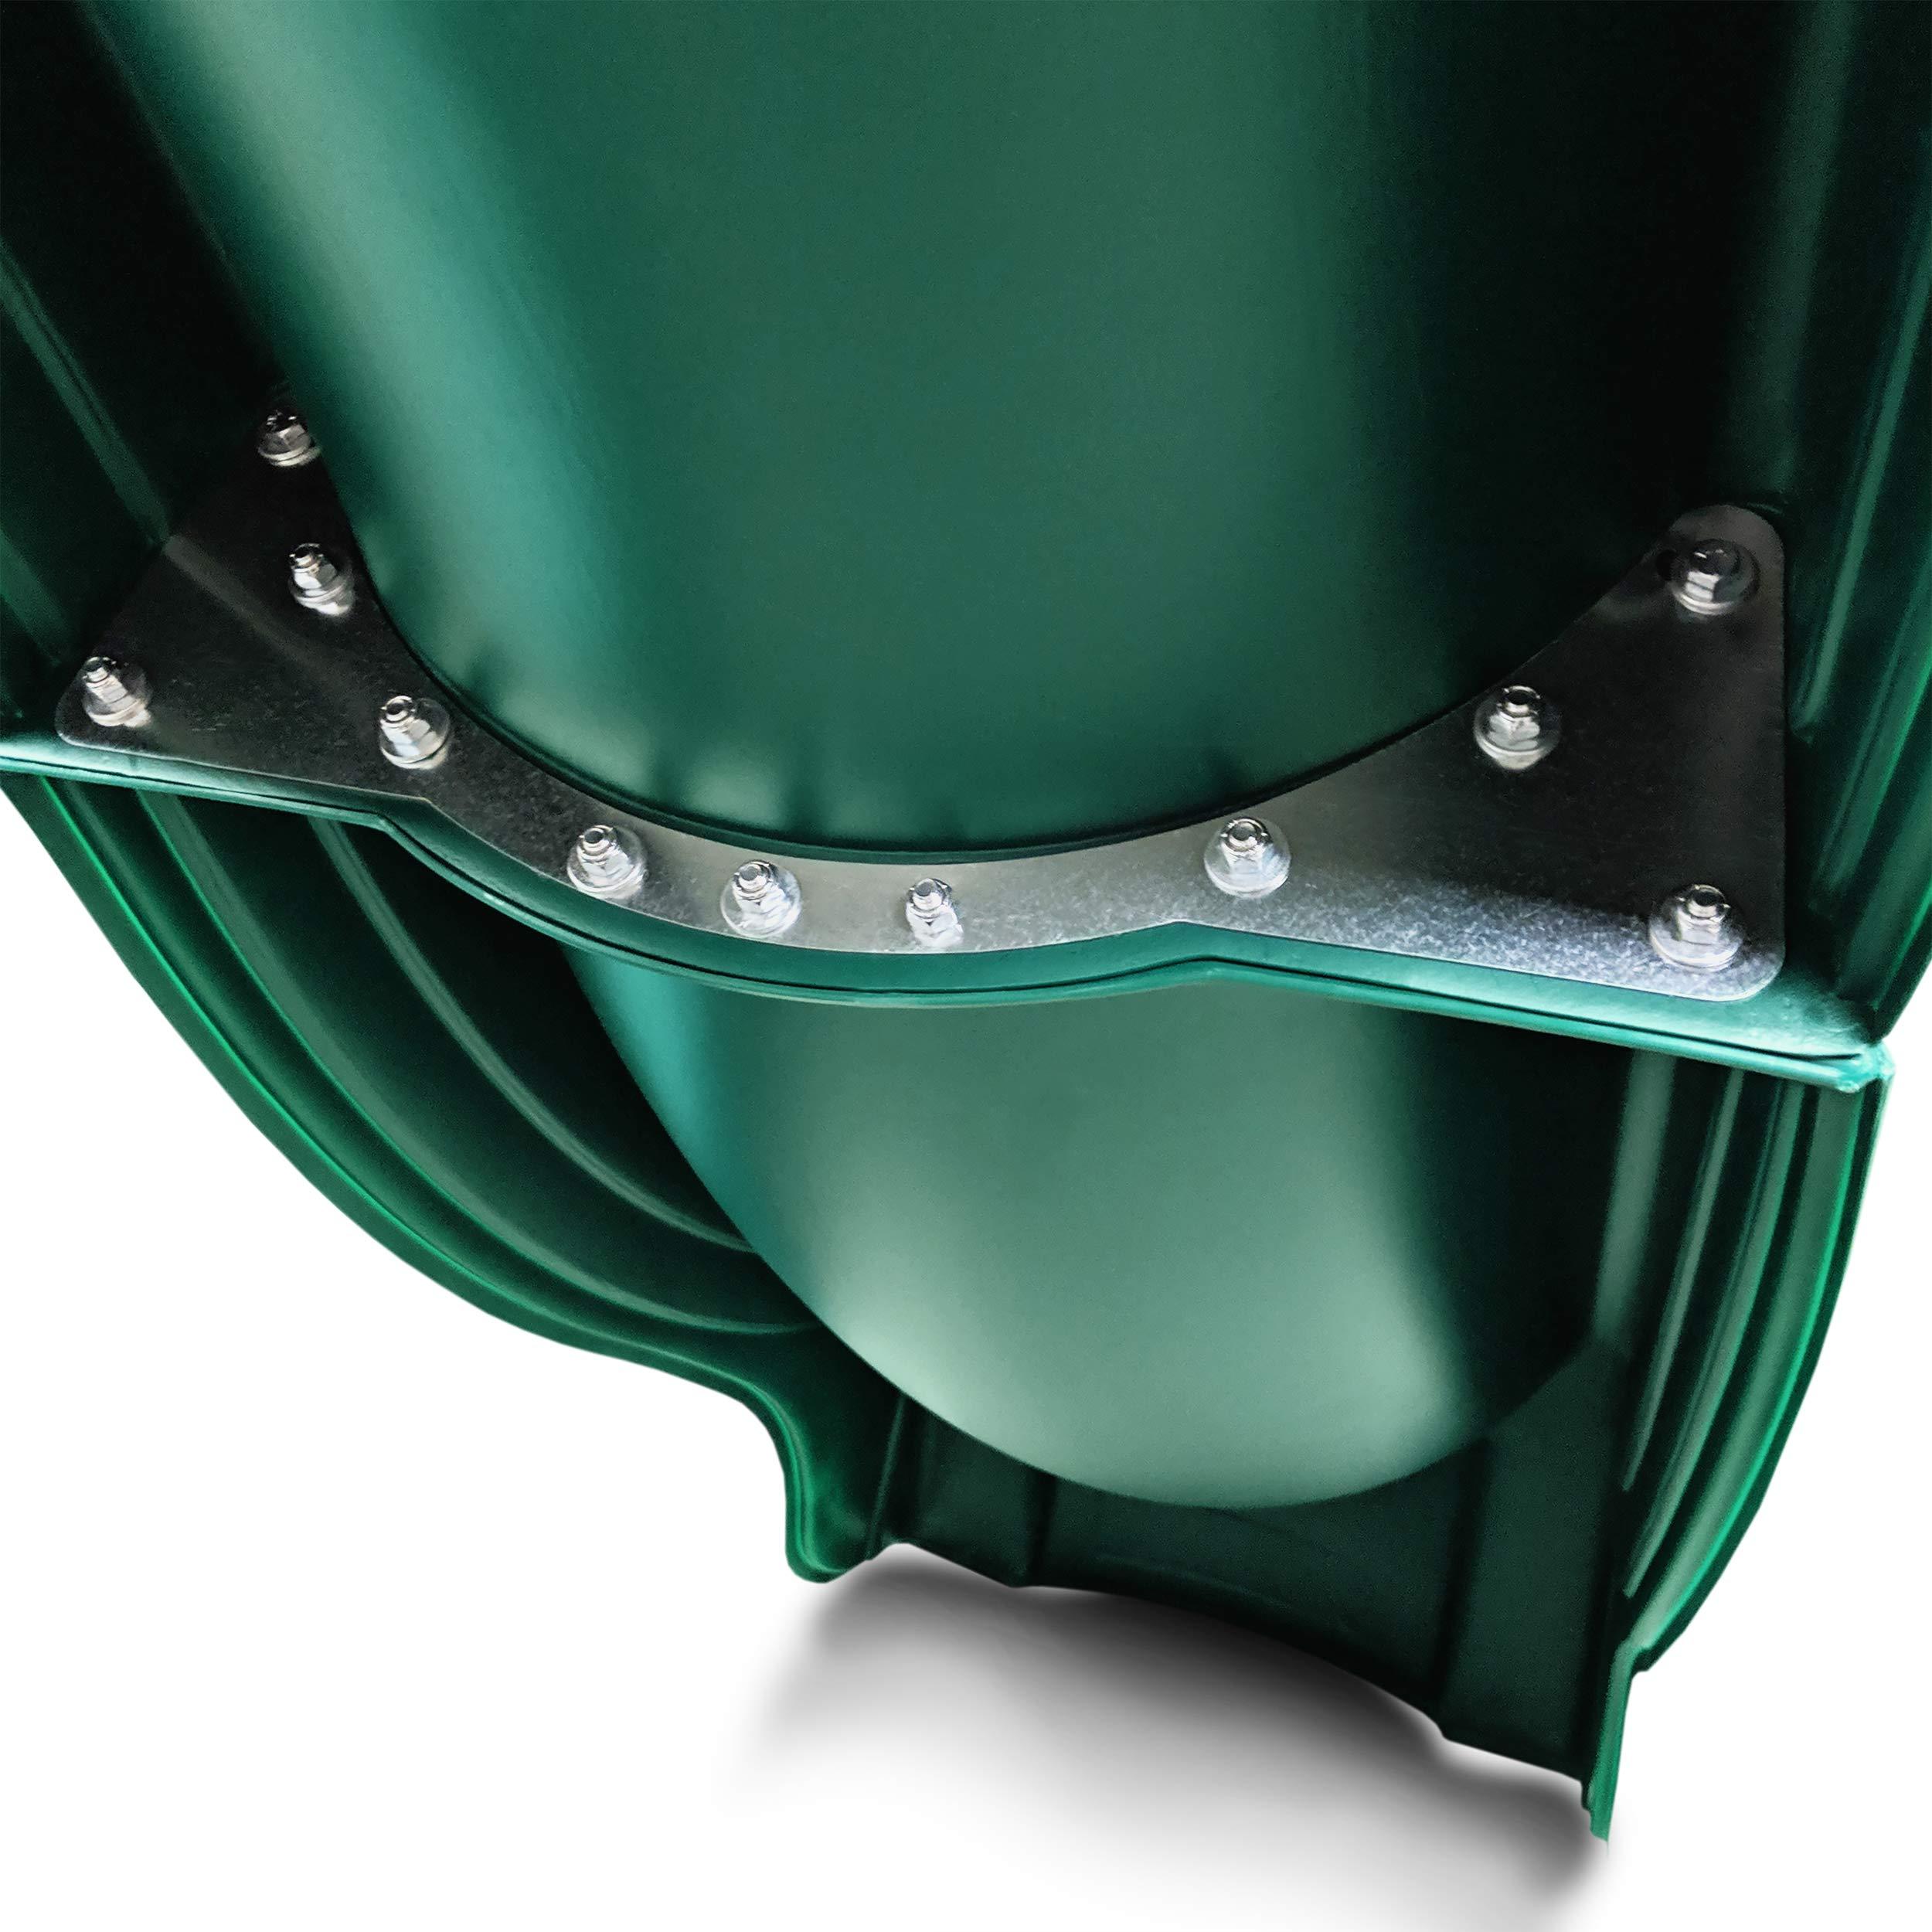 Swing-N-Slide WS 5033 Olympus Wave Slide Plastic Slide for 5' Decks, Green by Swing-N-Slide (Image #5)